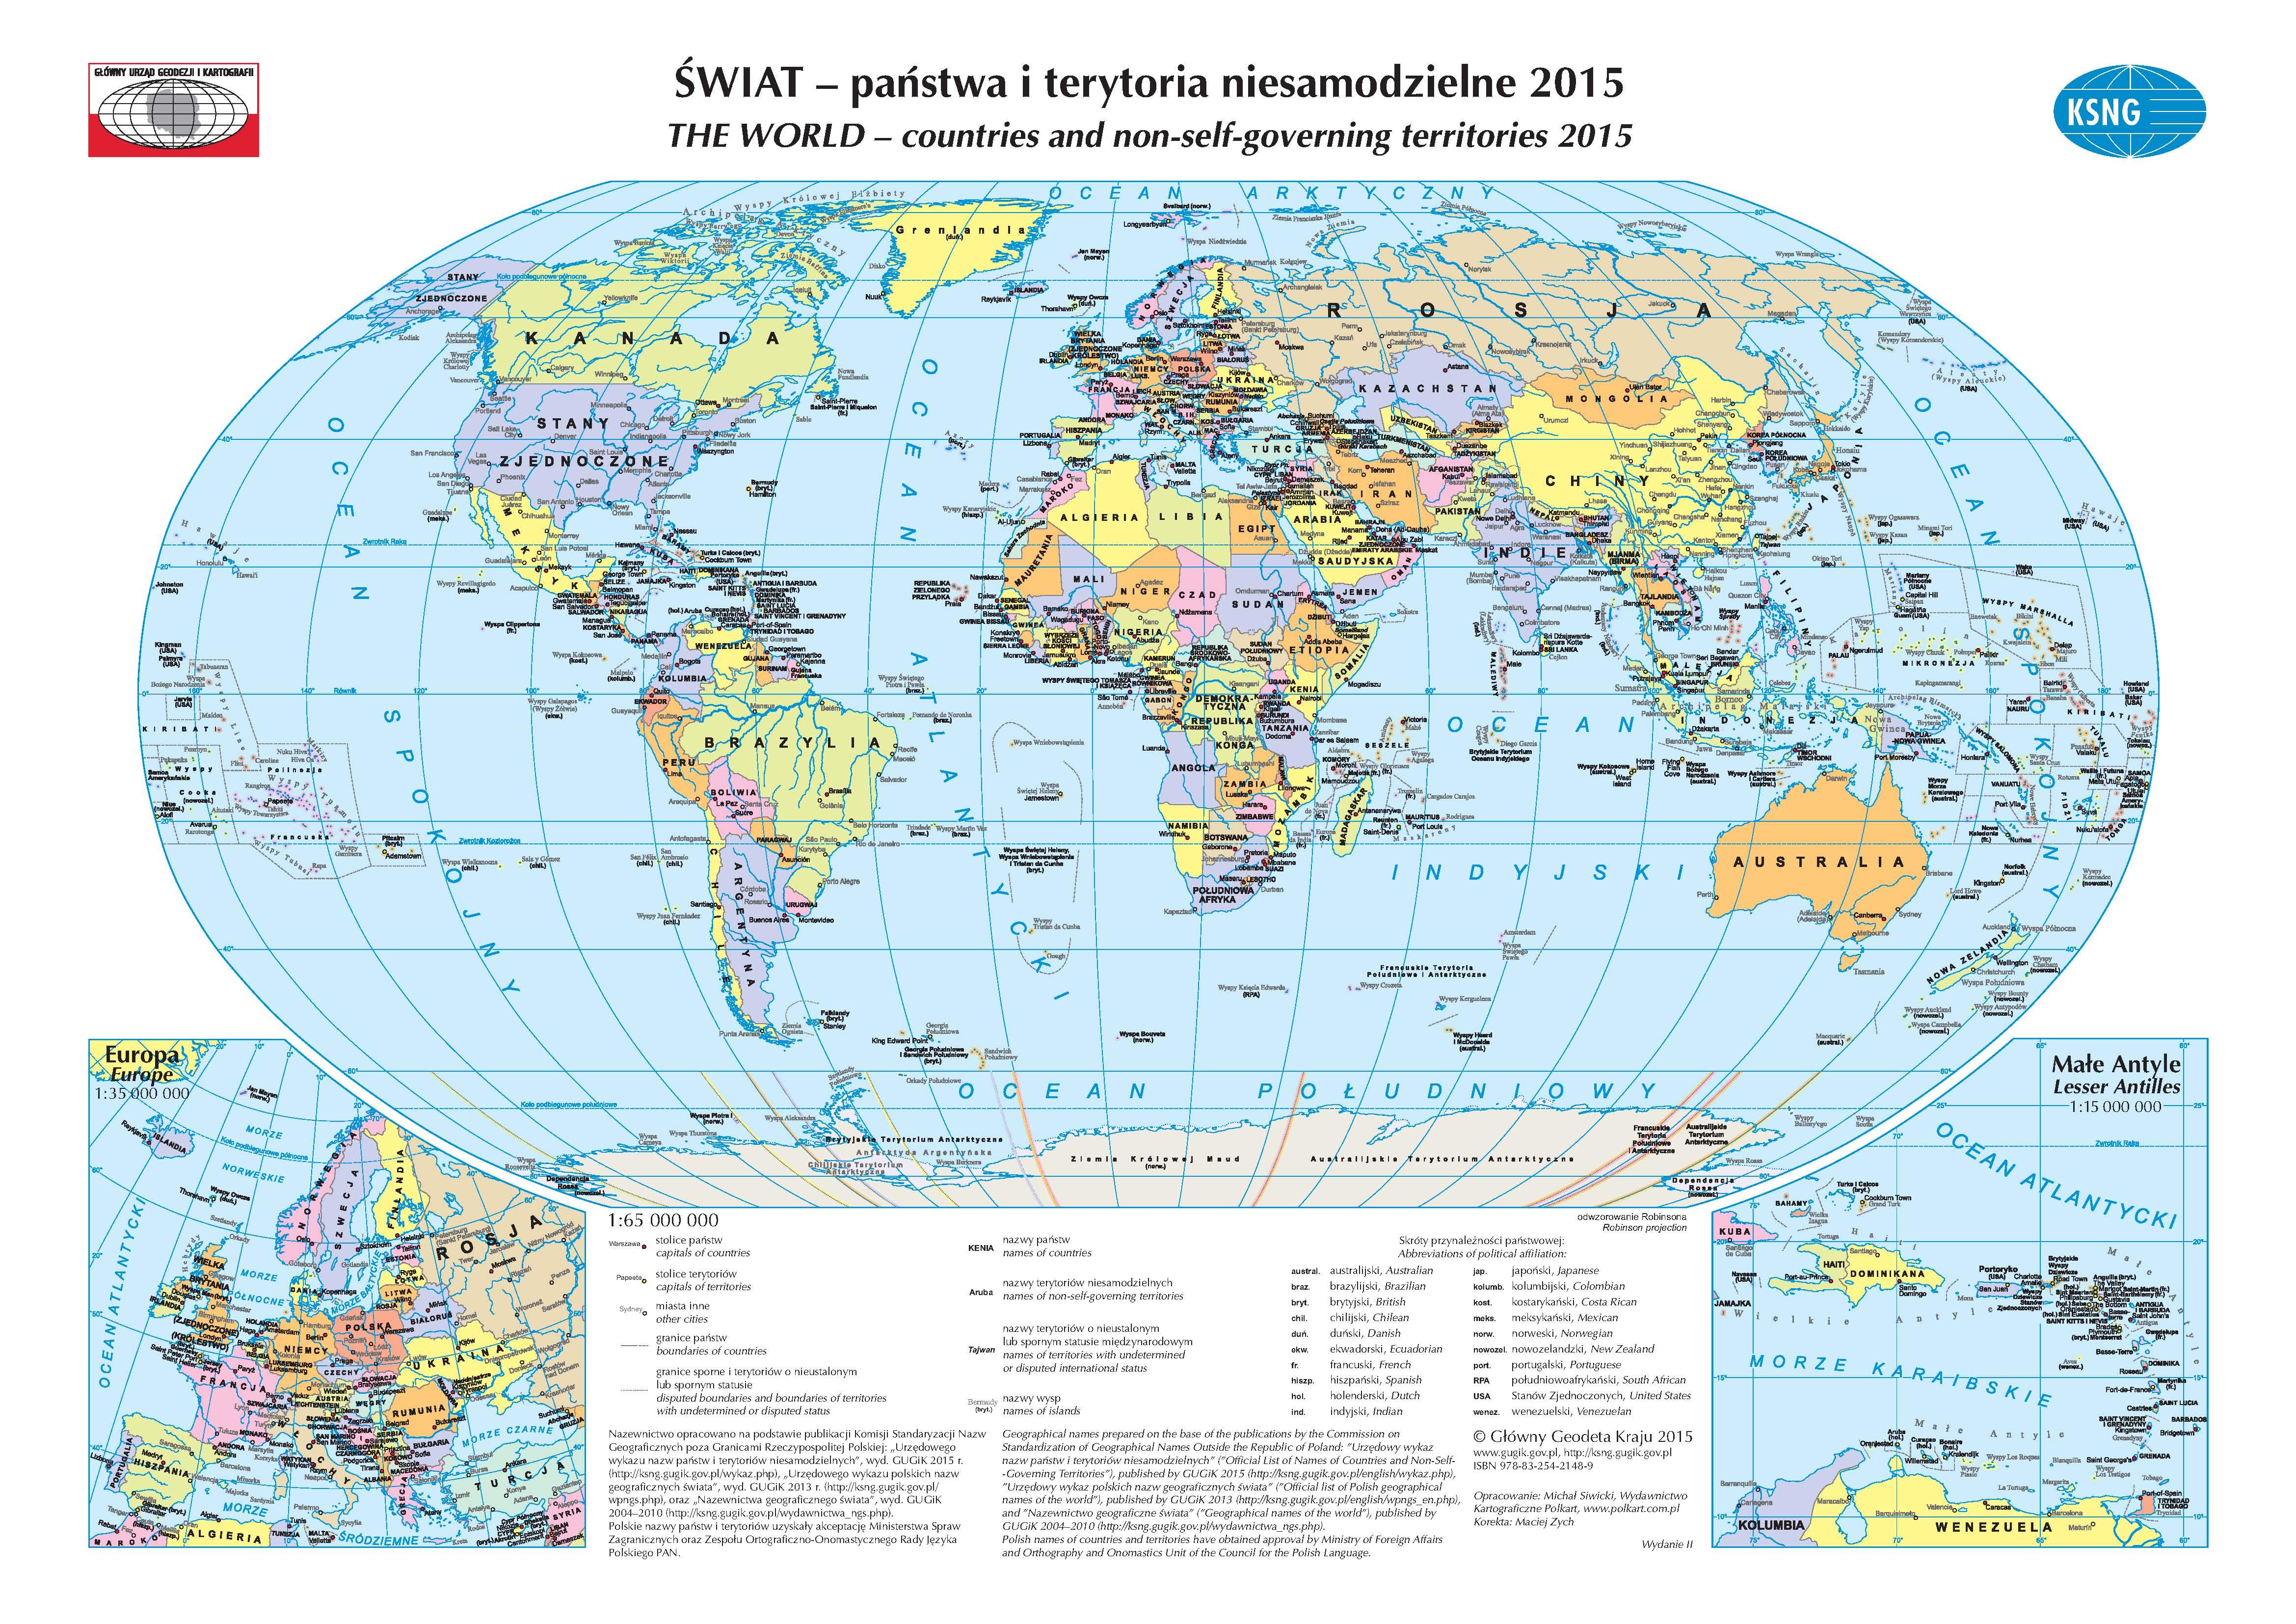 Nowe Wydanie Urzedowego Wykazu Nazw Panstw Glowny Urzad Geodezji